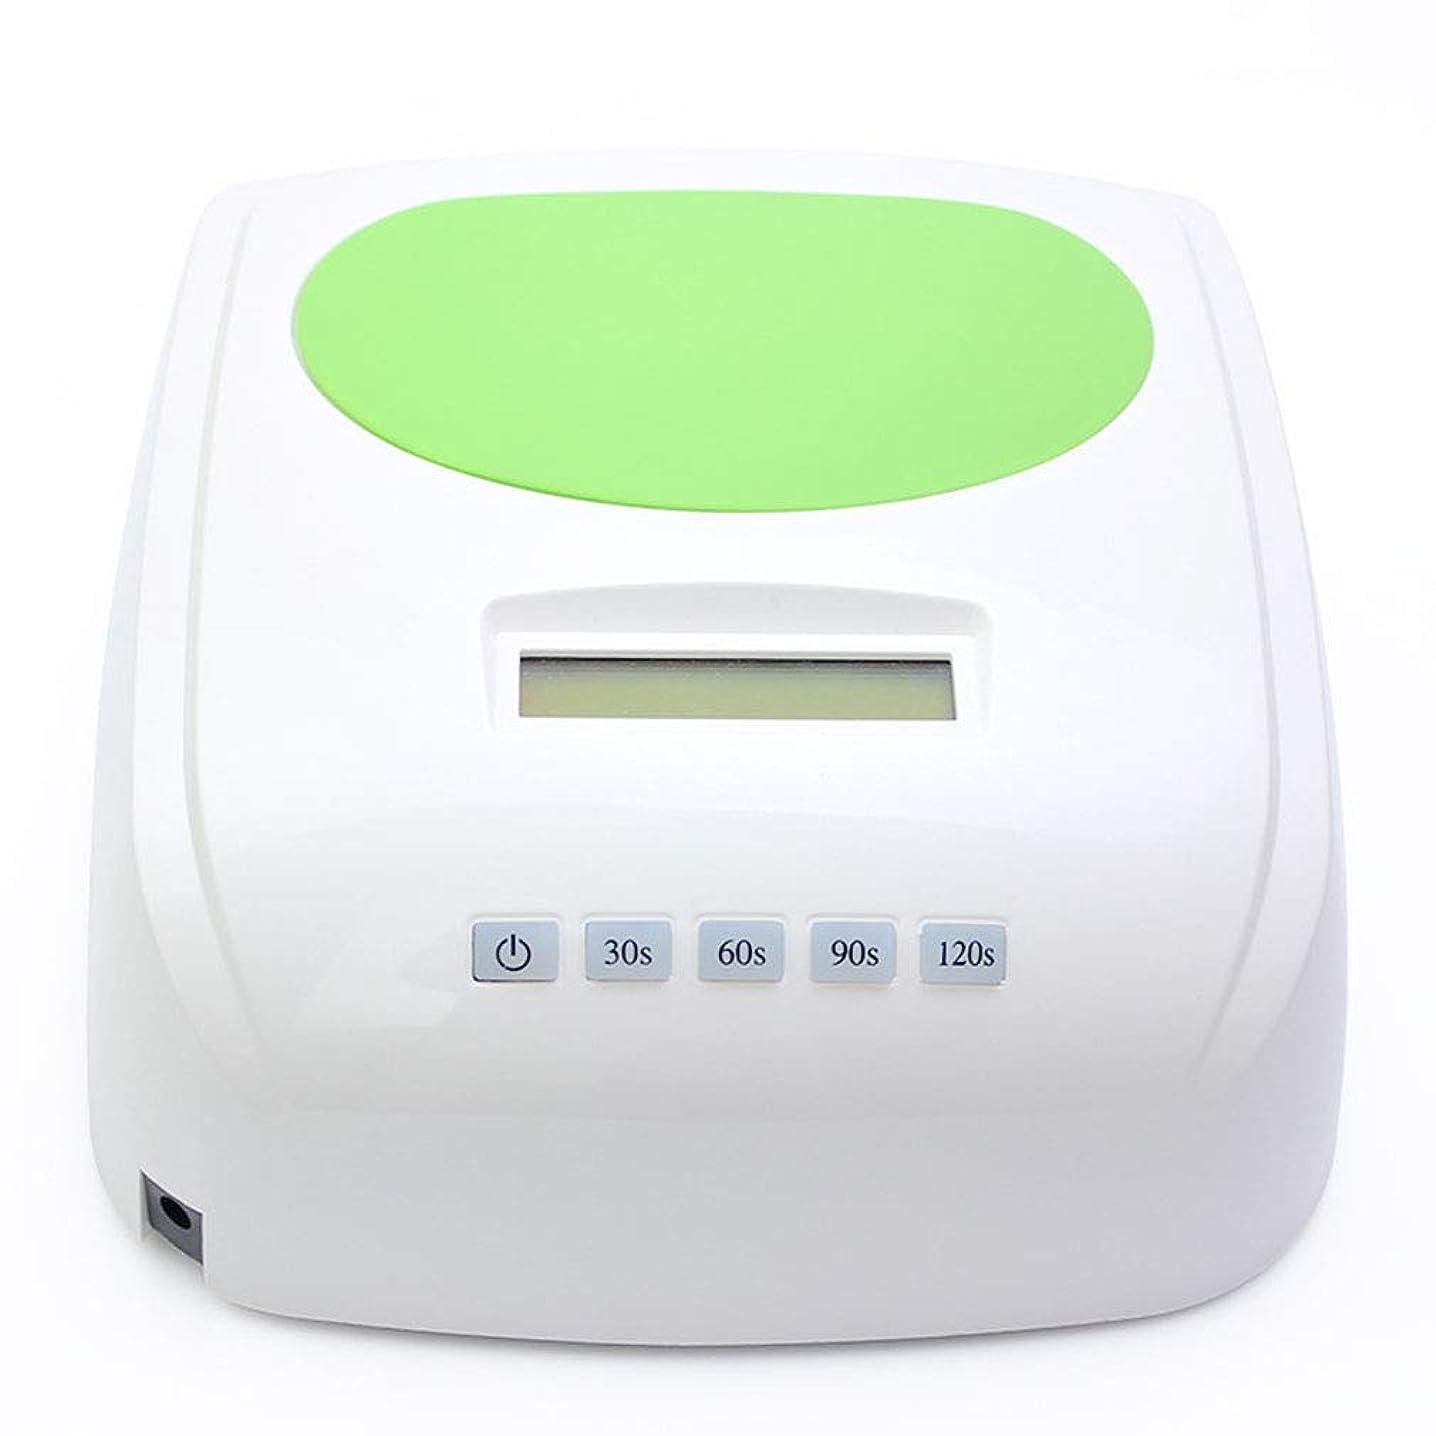 爵可聴ダーベビルのテス爪のための48WネイルドライヤーLED / UVランプ、30/60/90/120秒タイマー、赤外線センサー、LCDディスプレイ、すべてのゲルに適して